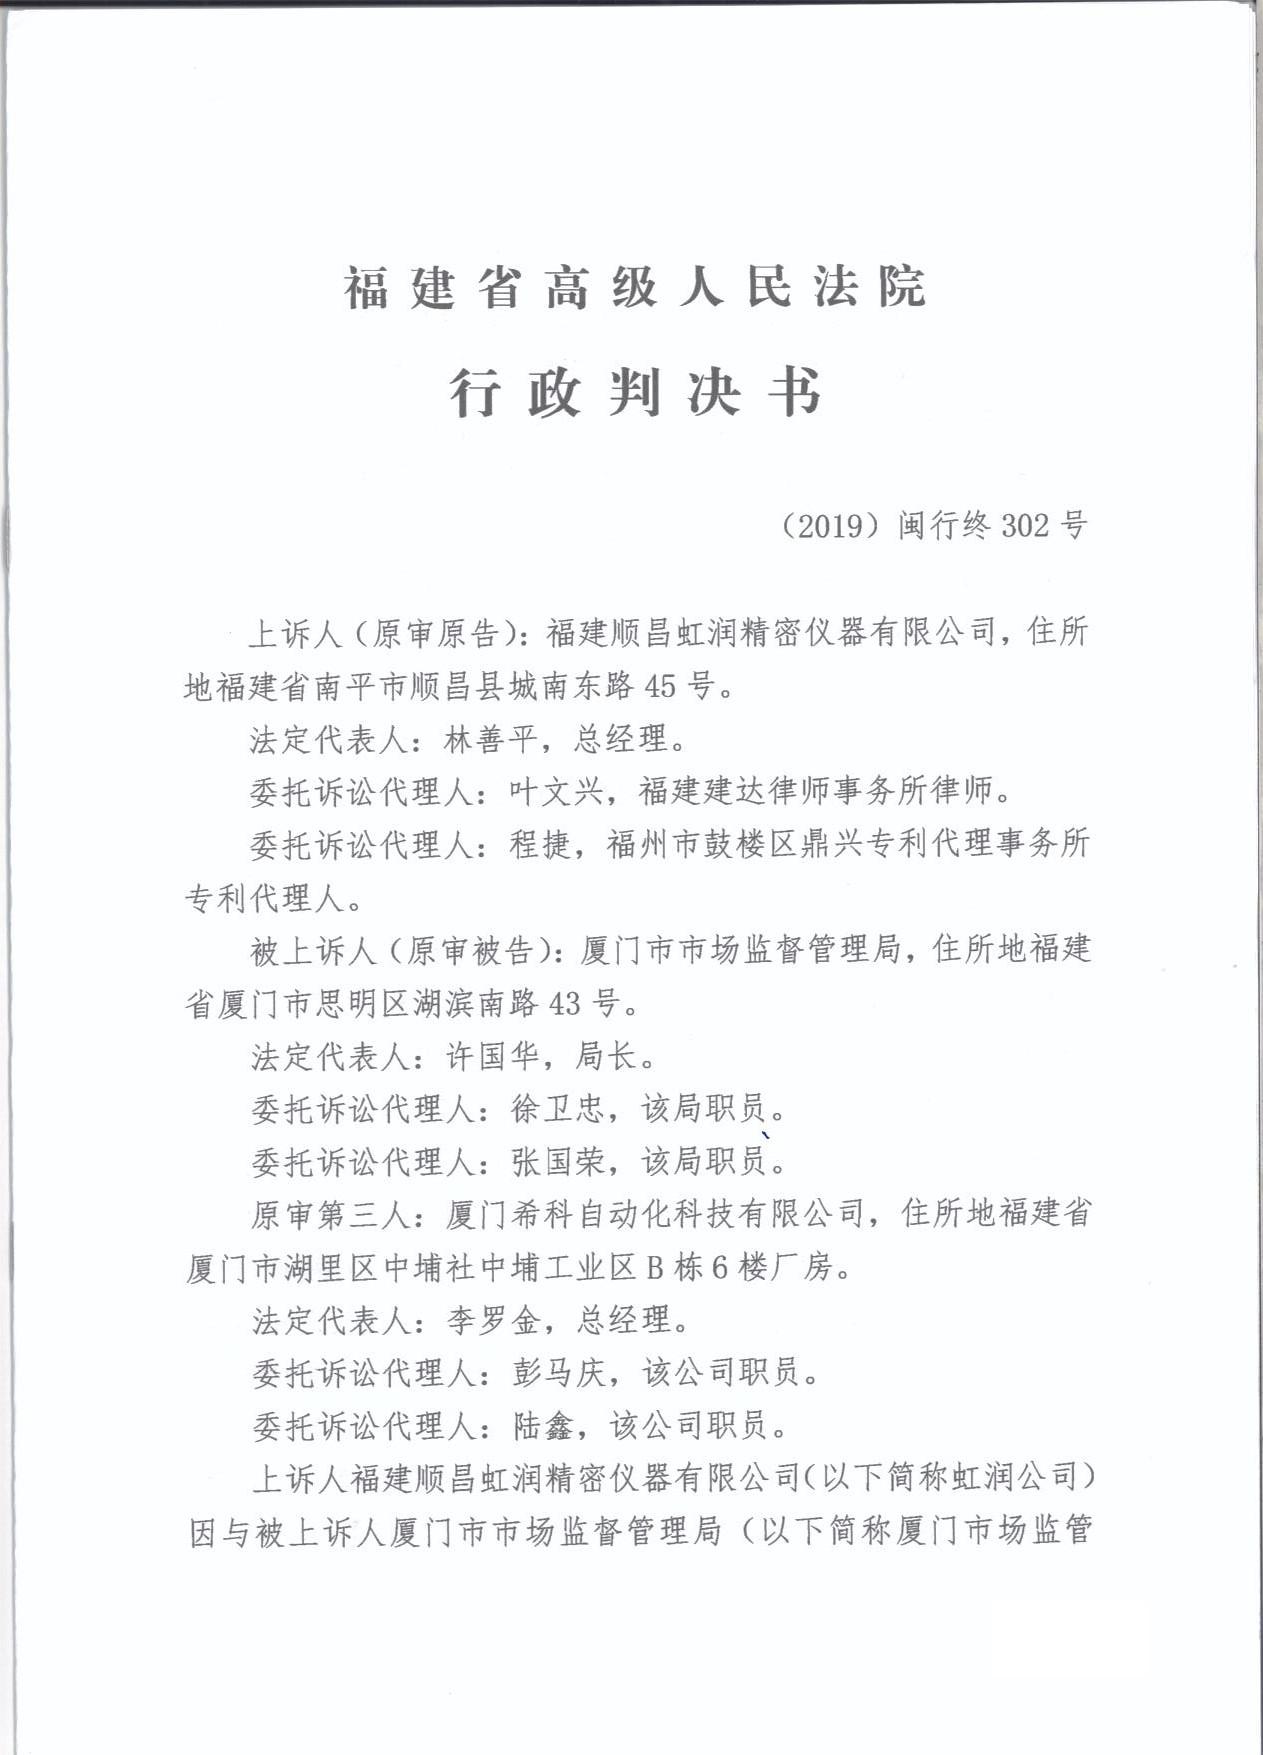 福建高院终审认定厦门希科彩屏无纸记录仪专li侵权